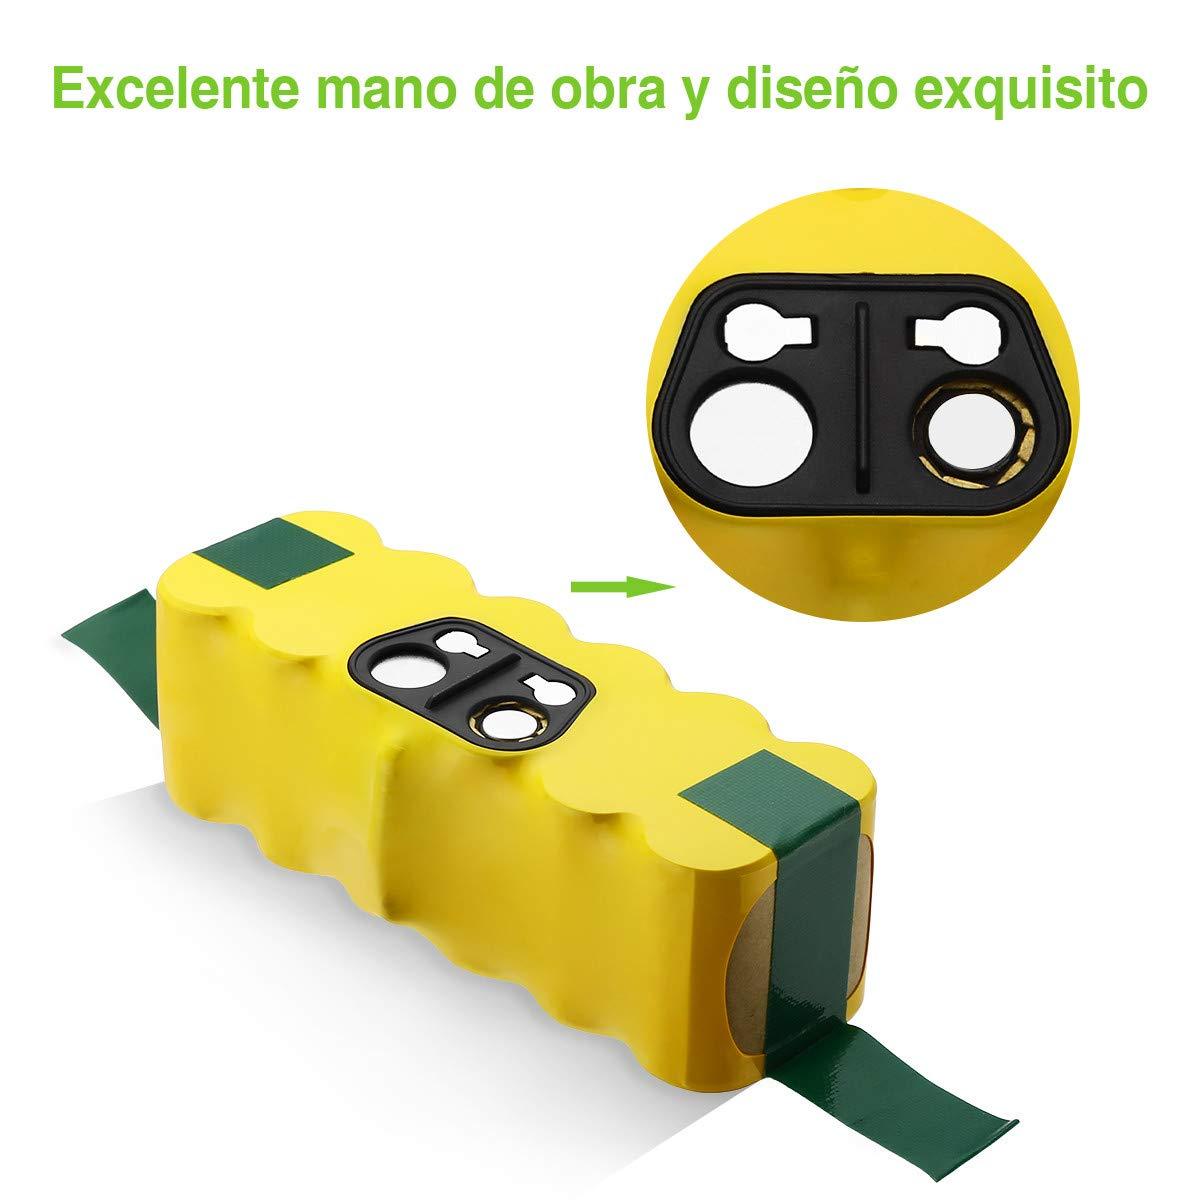 Powerextra iRobot Roomba Batería 3800mAh Batería para Roomba R3 500 600 700 800 900 Series 500 510 530 531 532 535 536 540 550 552 560 570 580 595 600 620 650 660 700 760 770 780 790 800 870 900 980